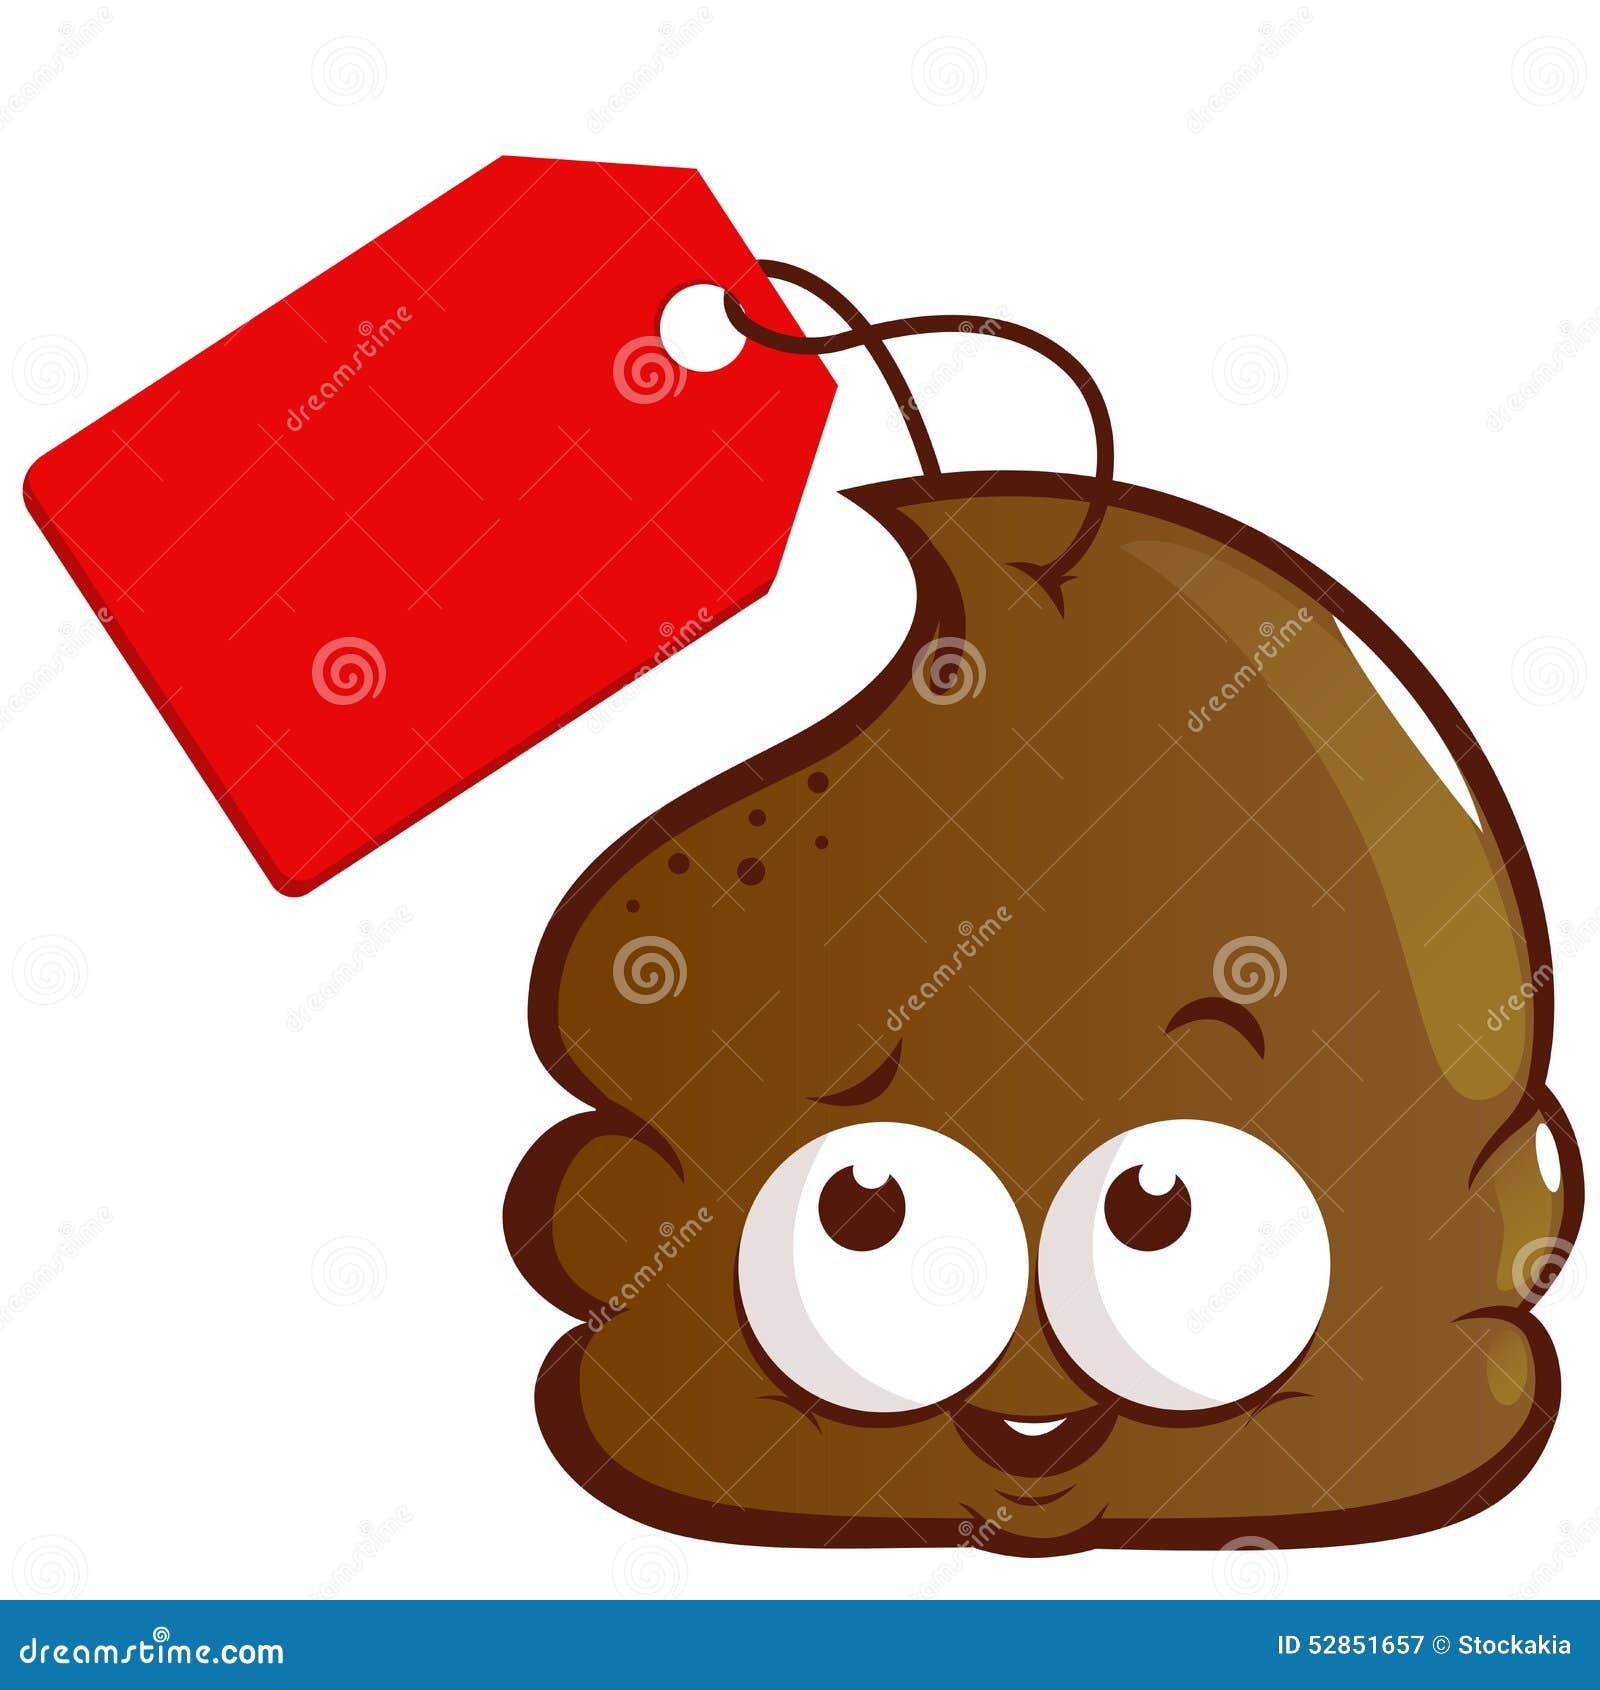 Poop Travel Time